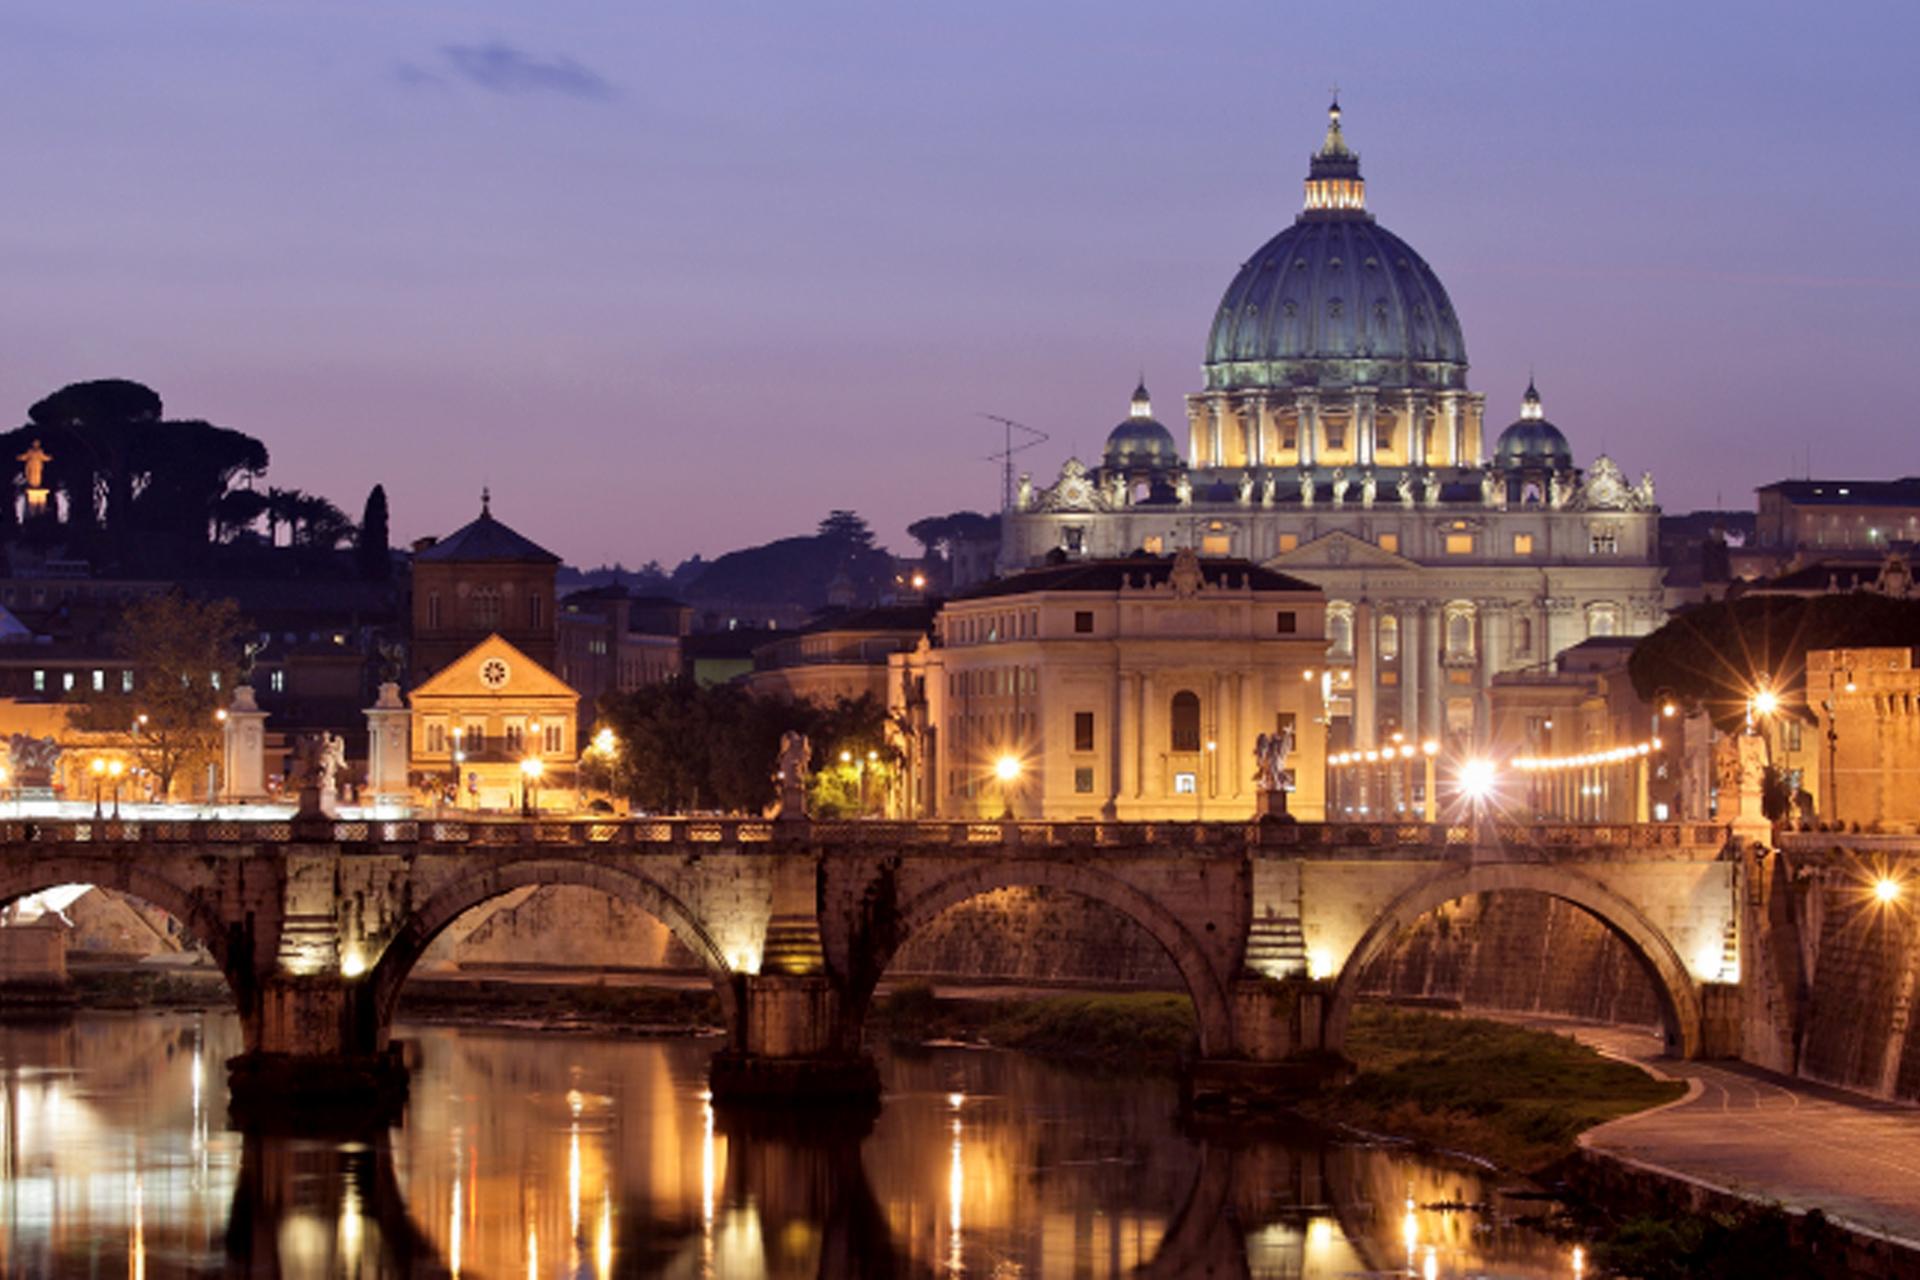 Basilica di San Pietro vista dal fiume Tevere